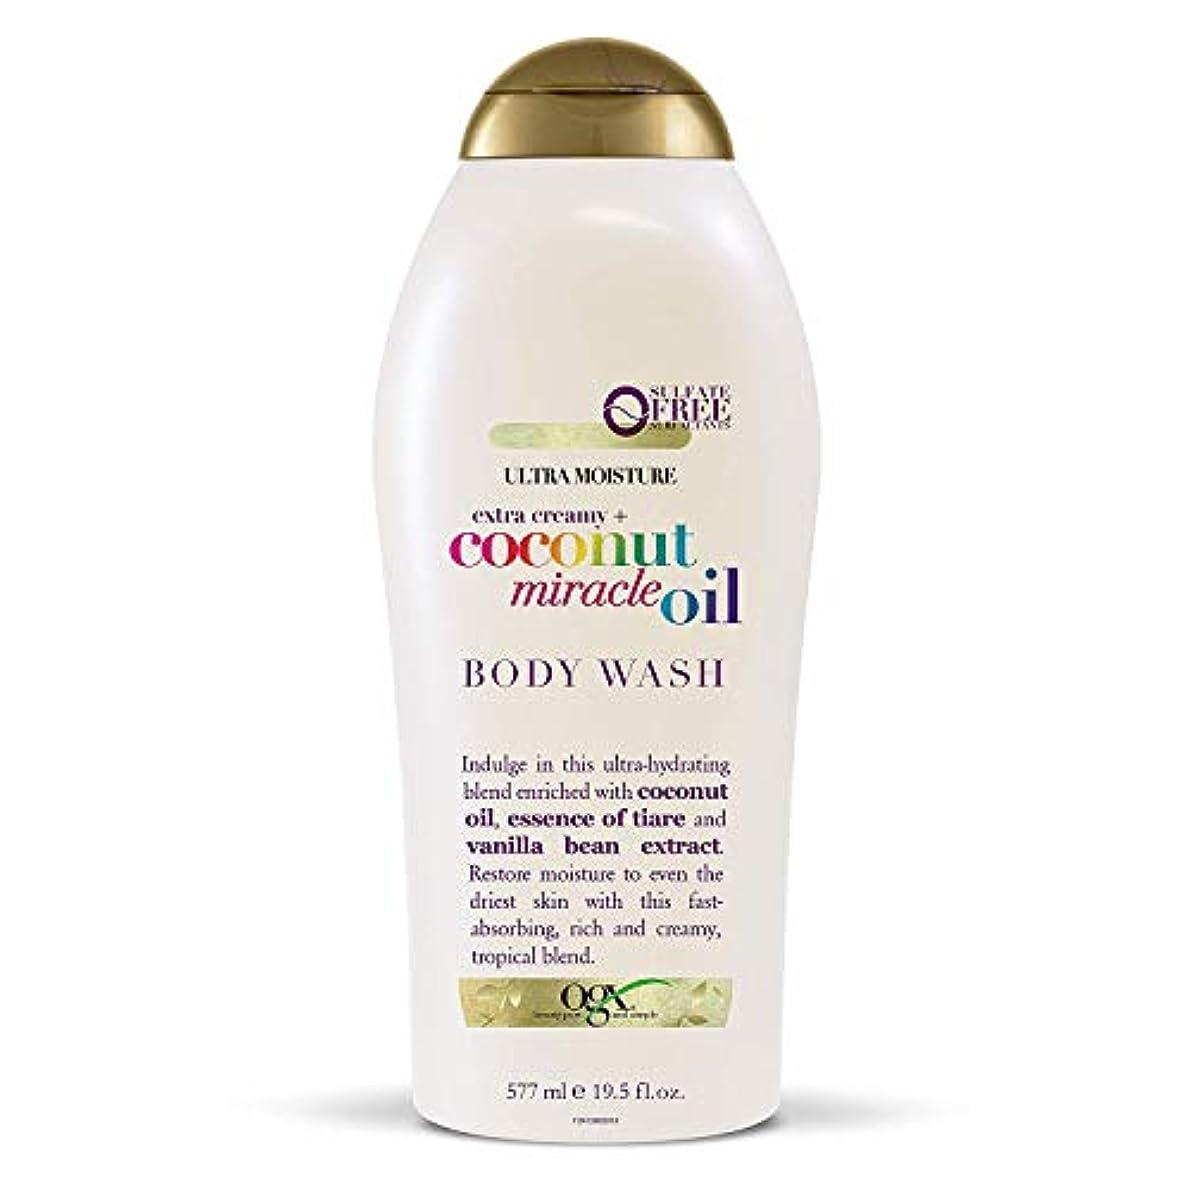 なに夜明け利用可能Ogx Body Wash Coconut Miracle Oil Extra Strength 19.5oz OGX ココナッツミラクルオイル エクストラストレングス ボディウォッシュ 577ml [並行輸入品]